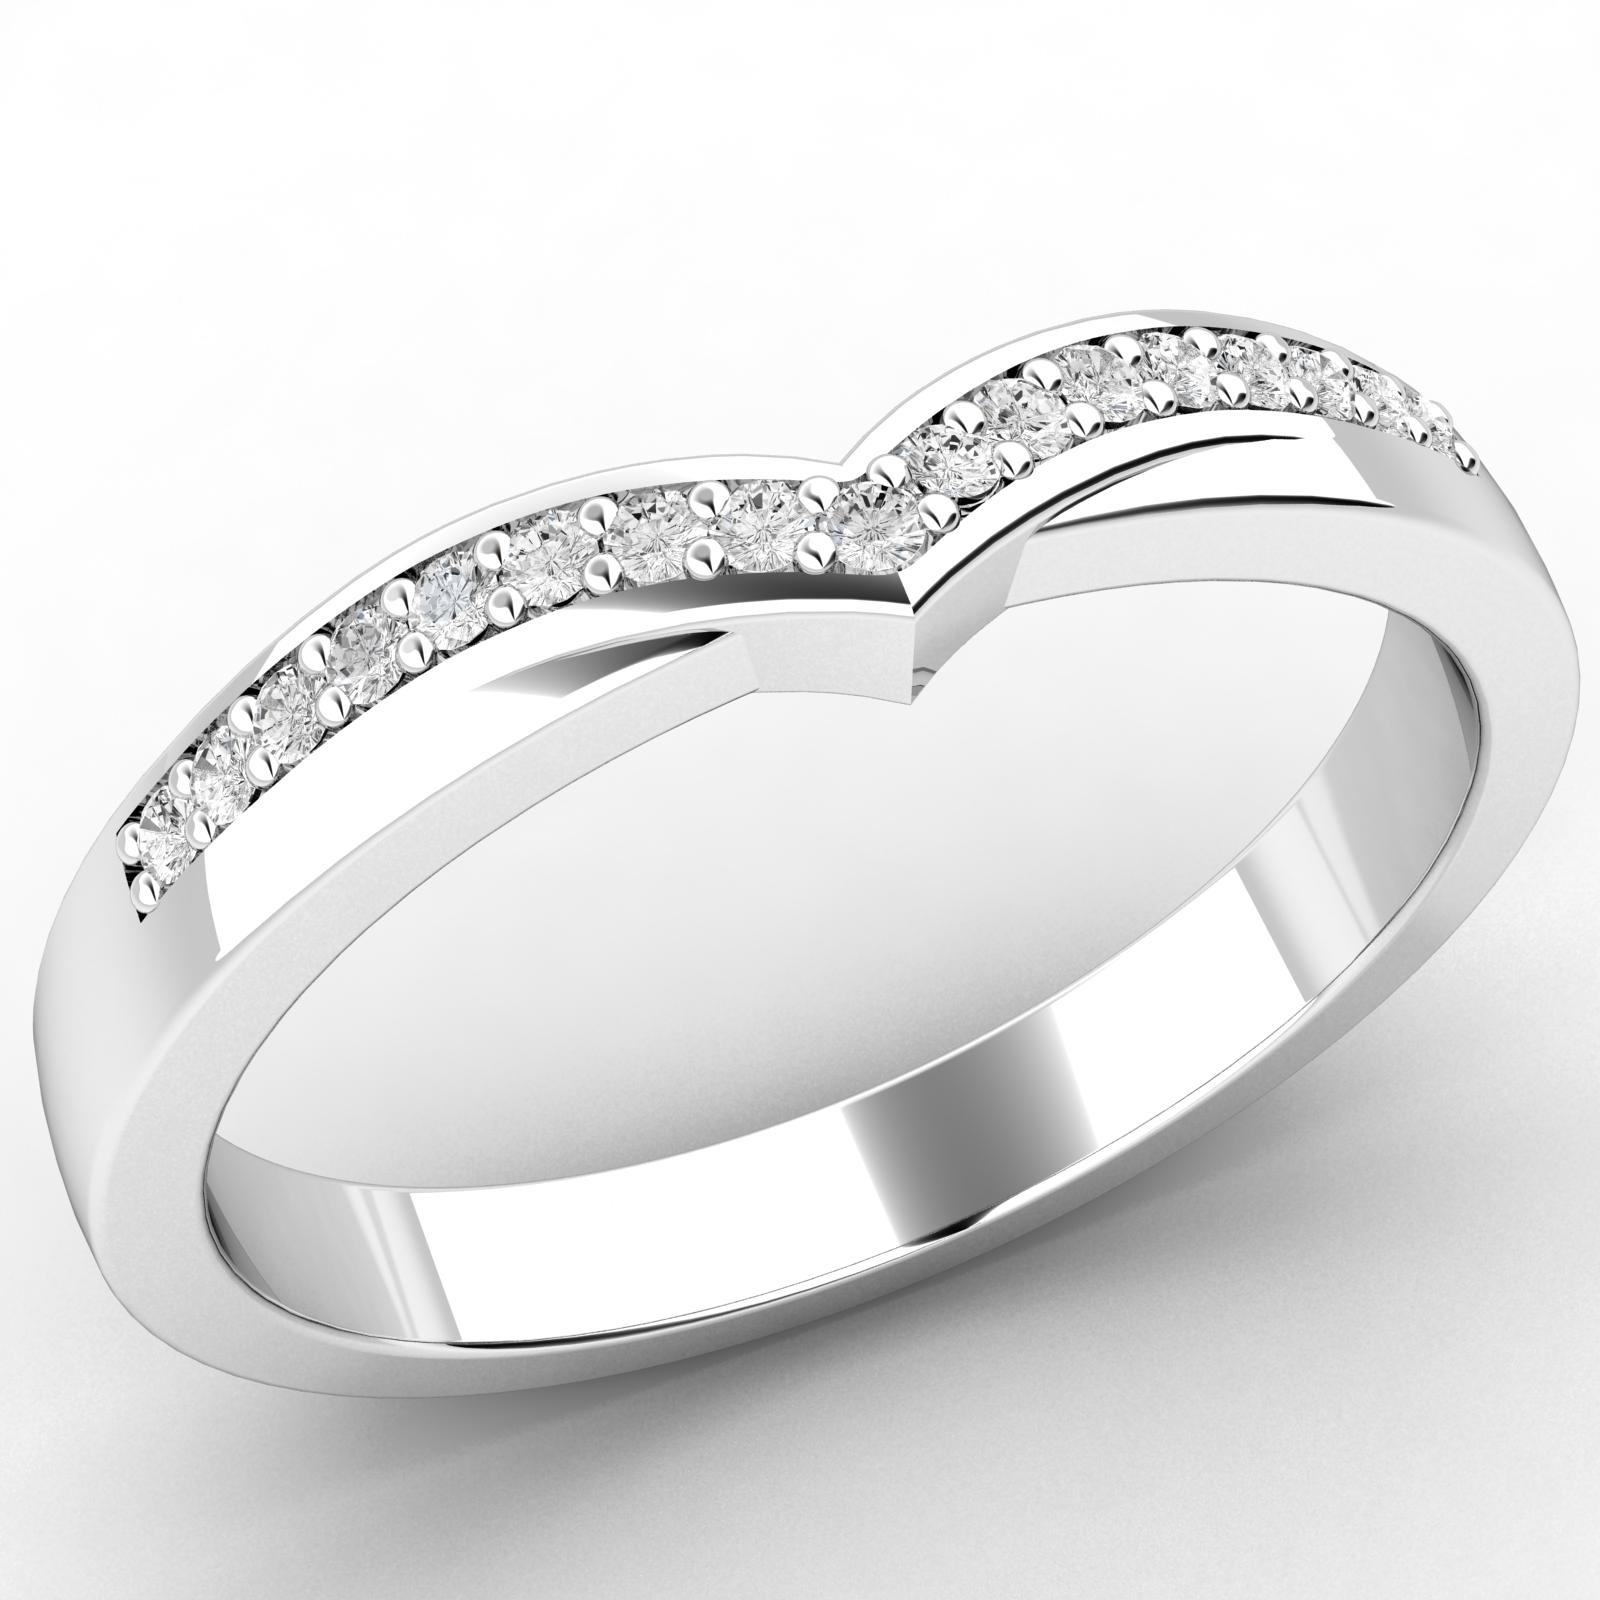 Verigheta cu Diamant/ Inel Eternity Dama Aur Alb 18kt cu 17 Diamante Rotund Briliant, Latime 2.5mm-img1